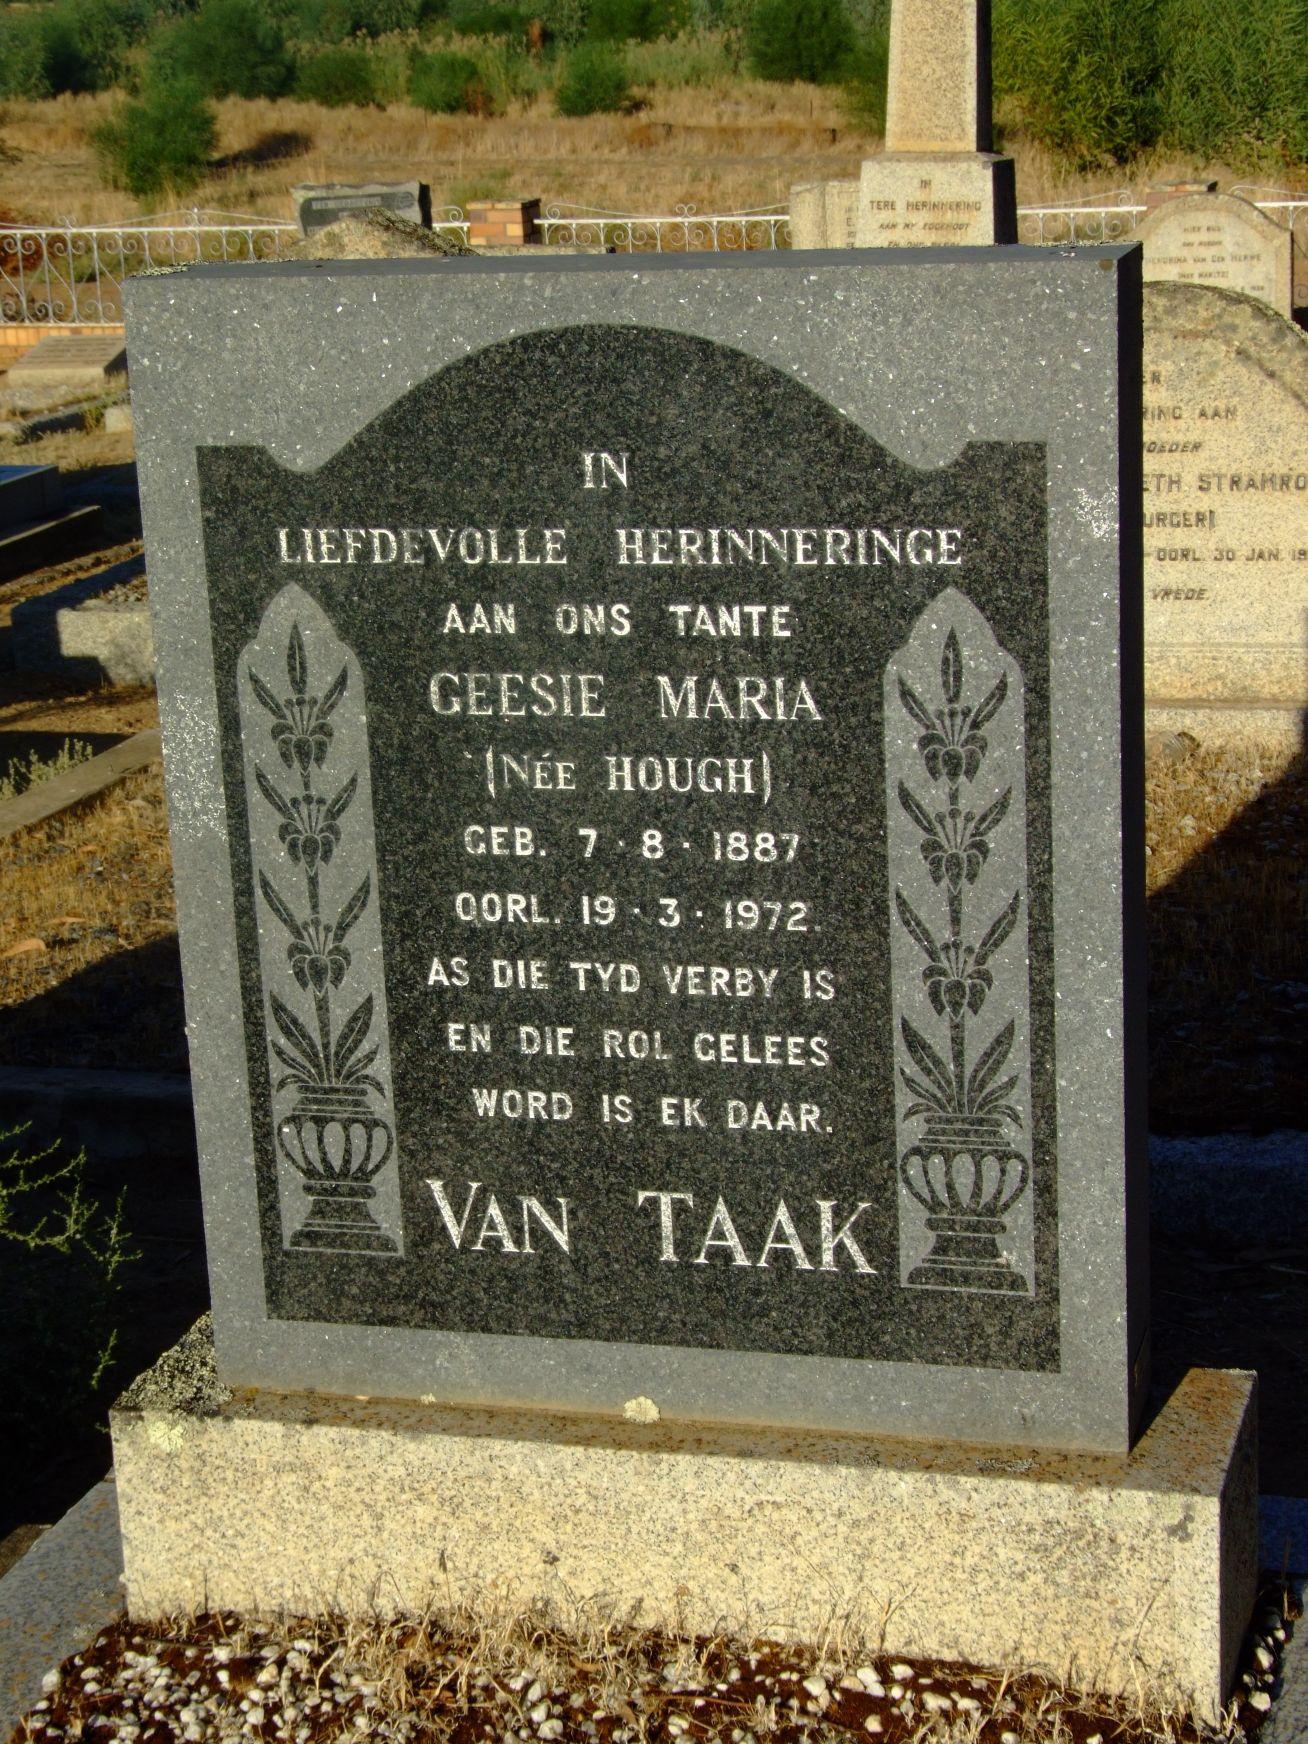 Van Taak, Geesie Maria